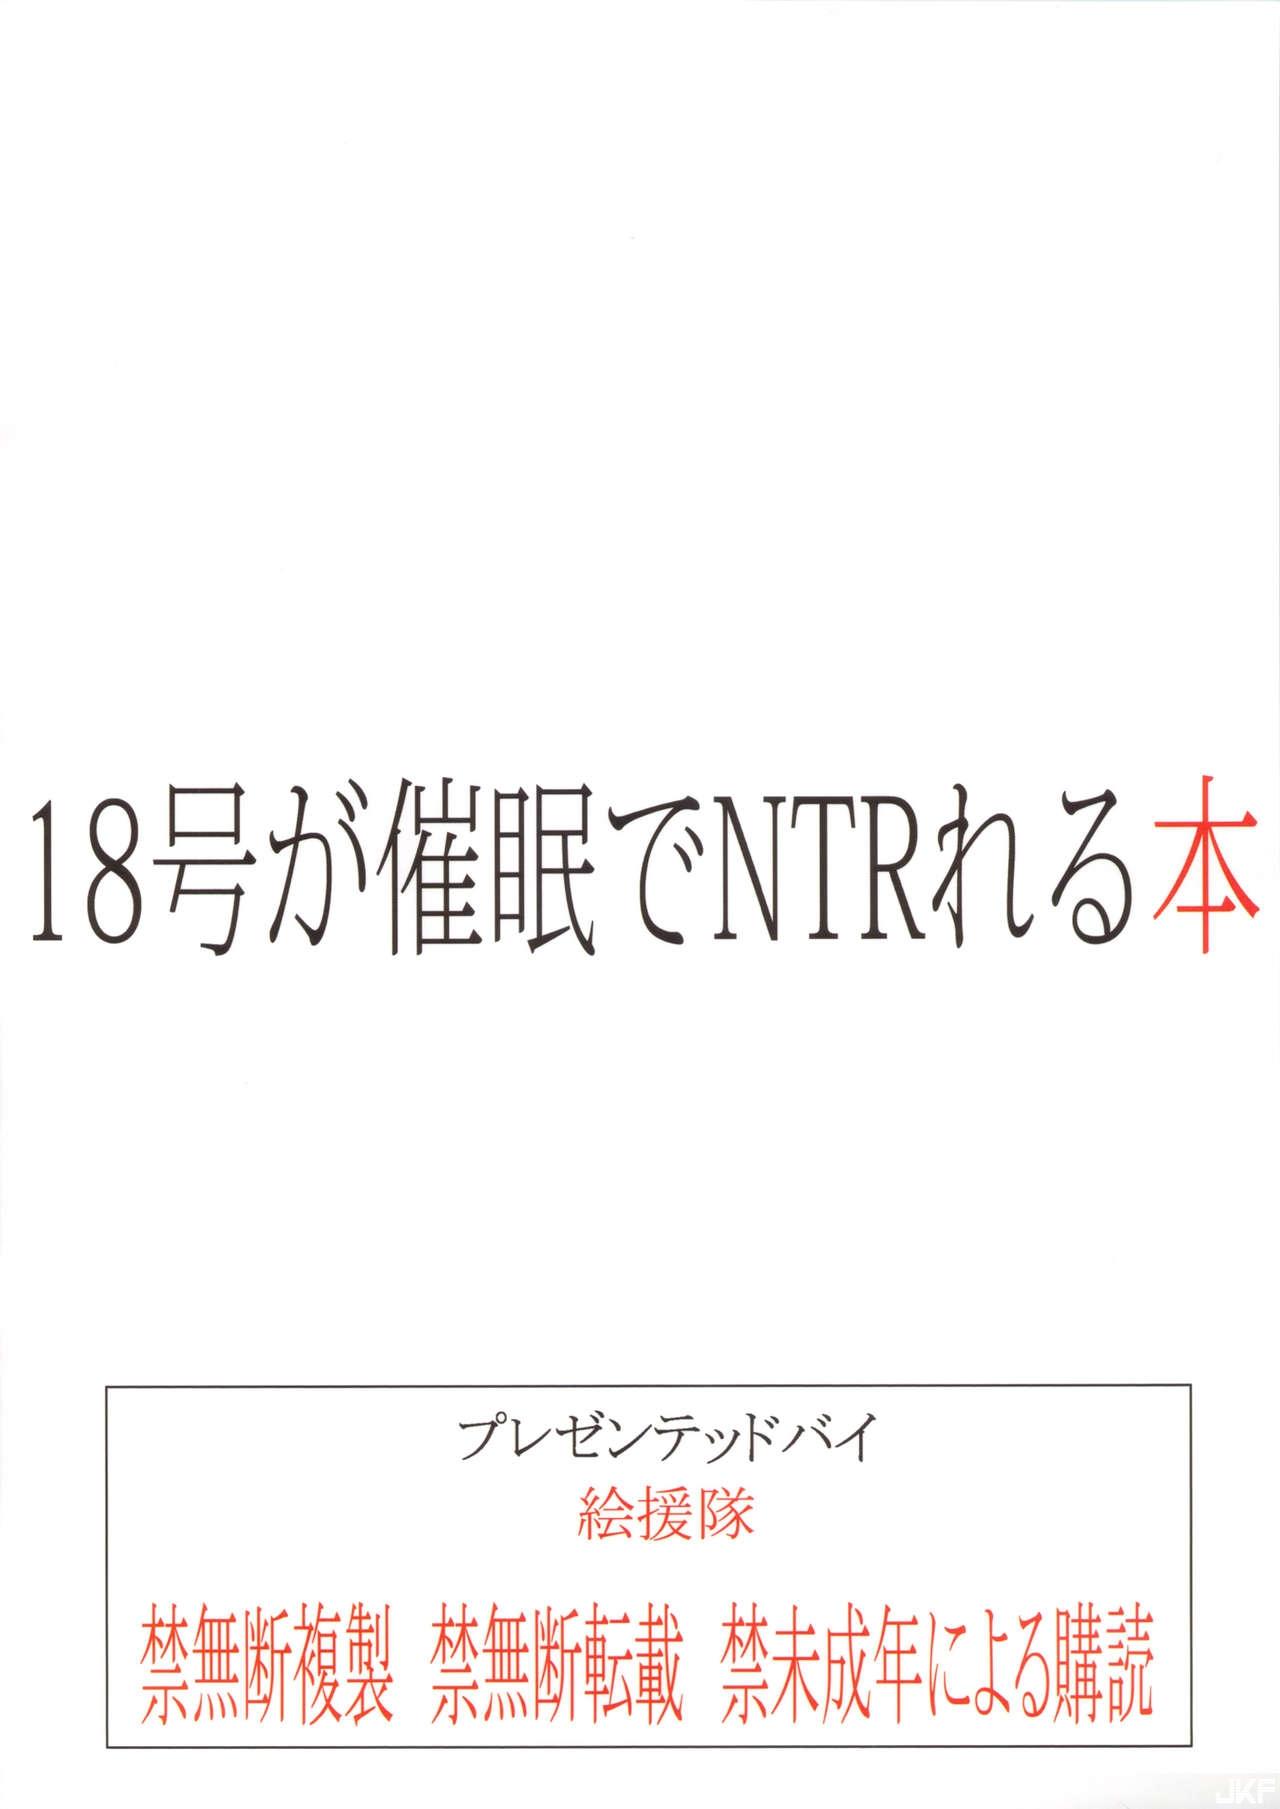 13-54-10-35_34.jpg